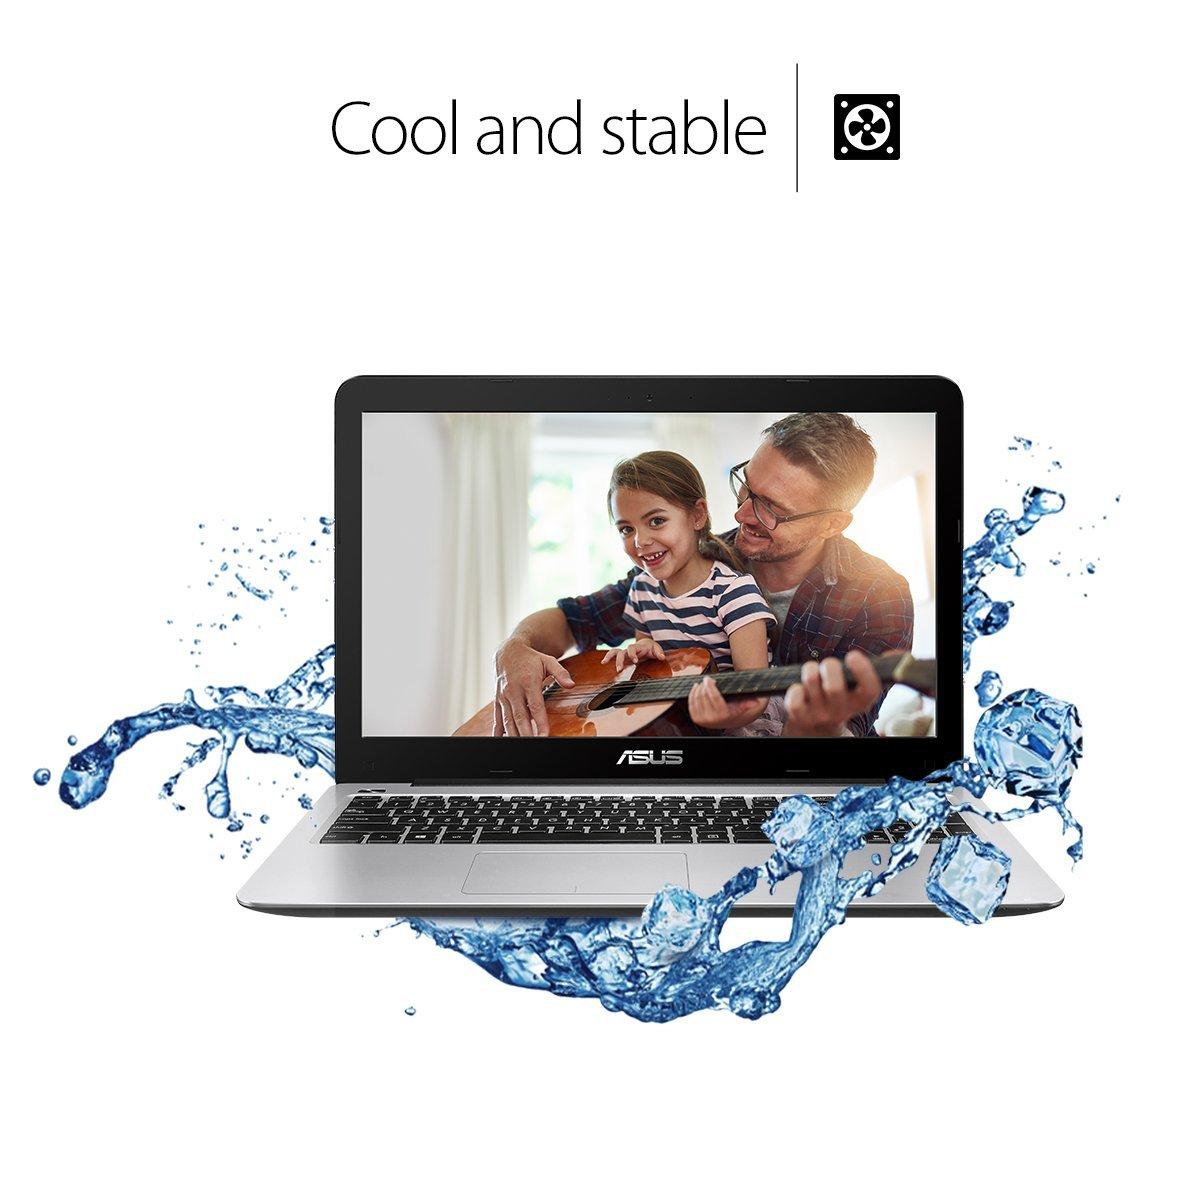 asus-f556ua-ab32-15-6-inch-full-hd-laptop